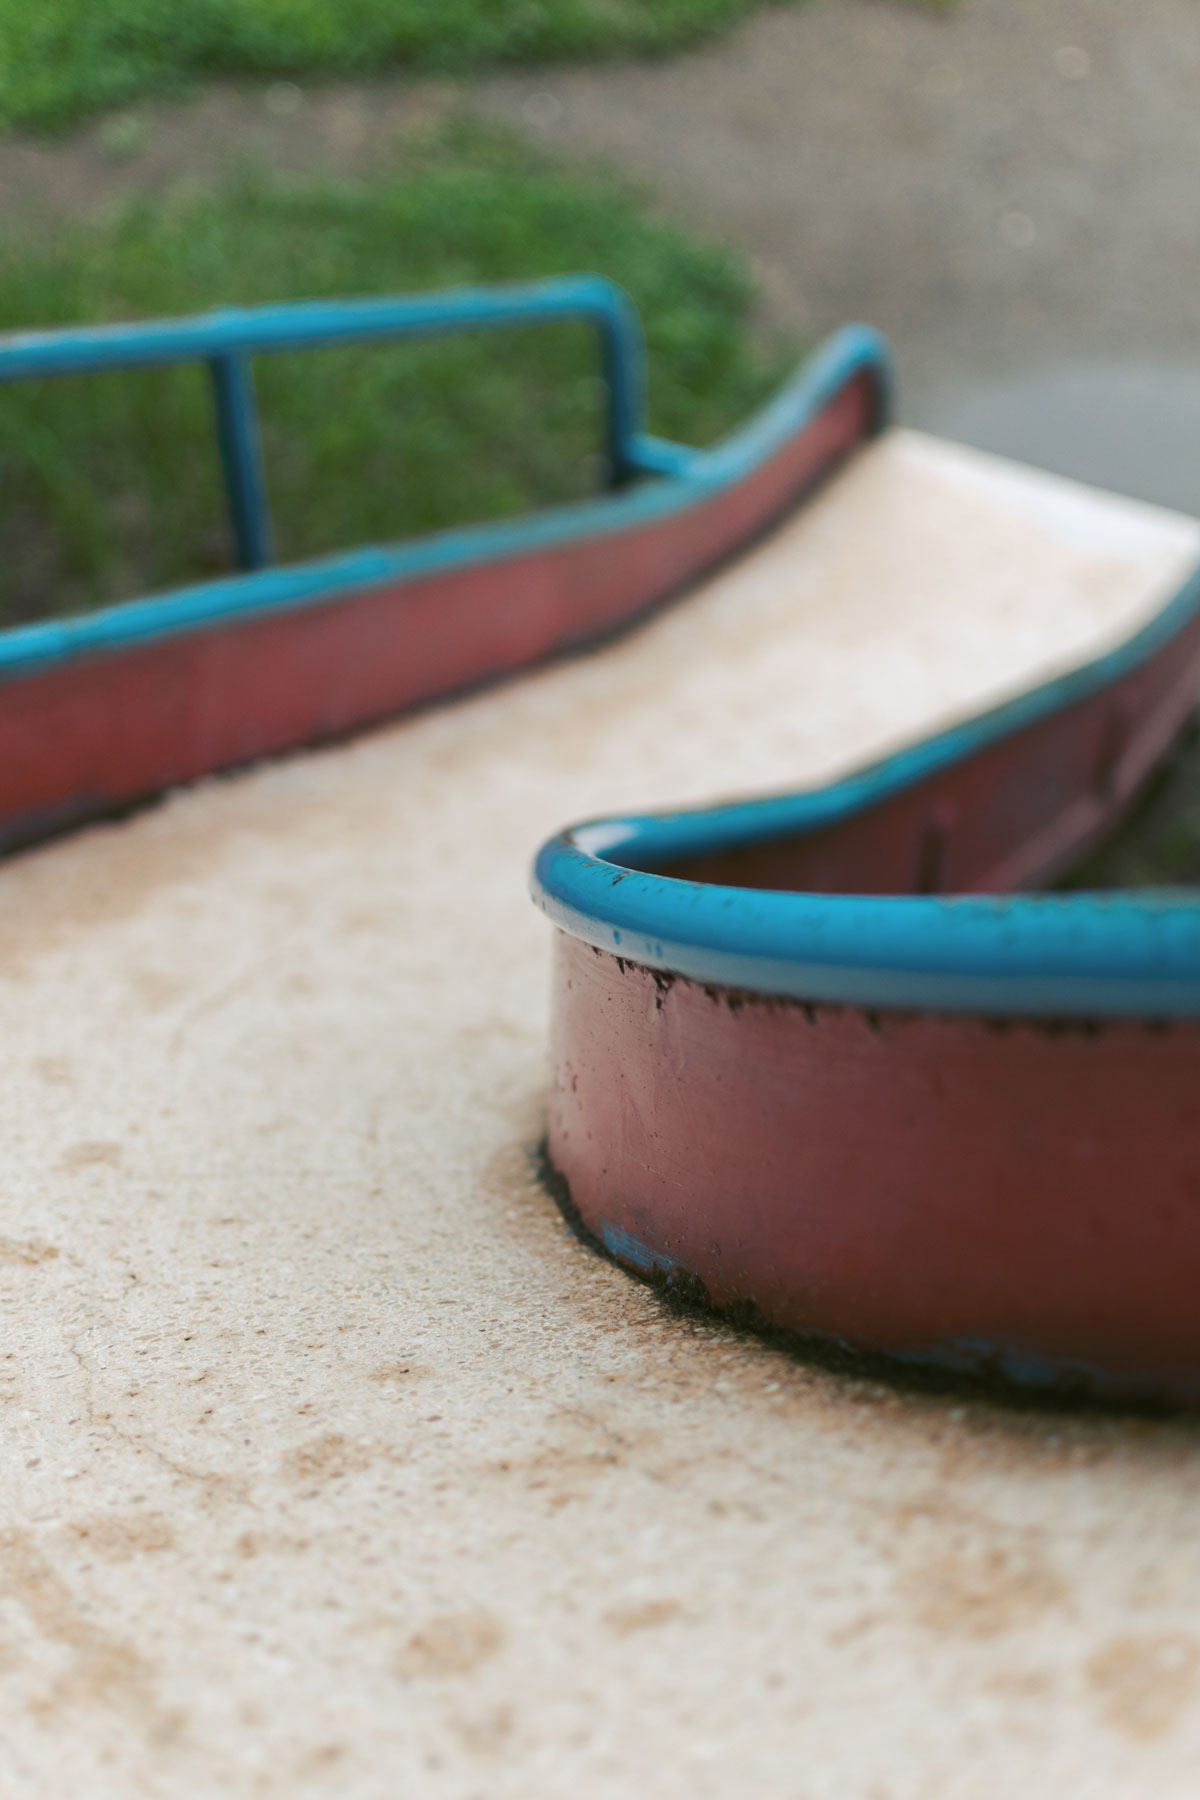 雨上がりの公園 滑り台を上から見下ろす 撮影:NIKON D90 + NIKKOR 35mm